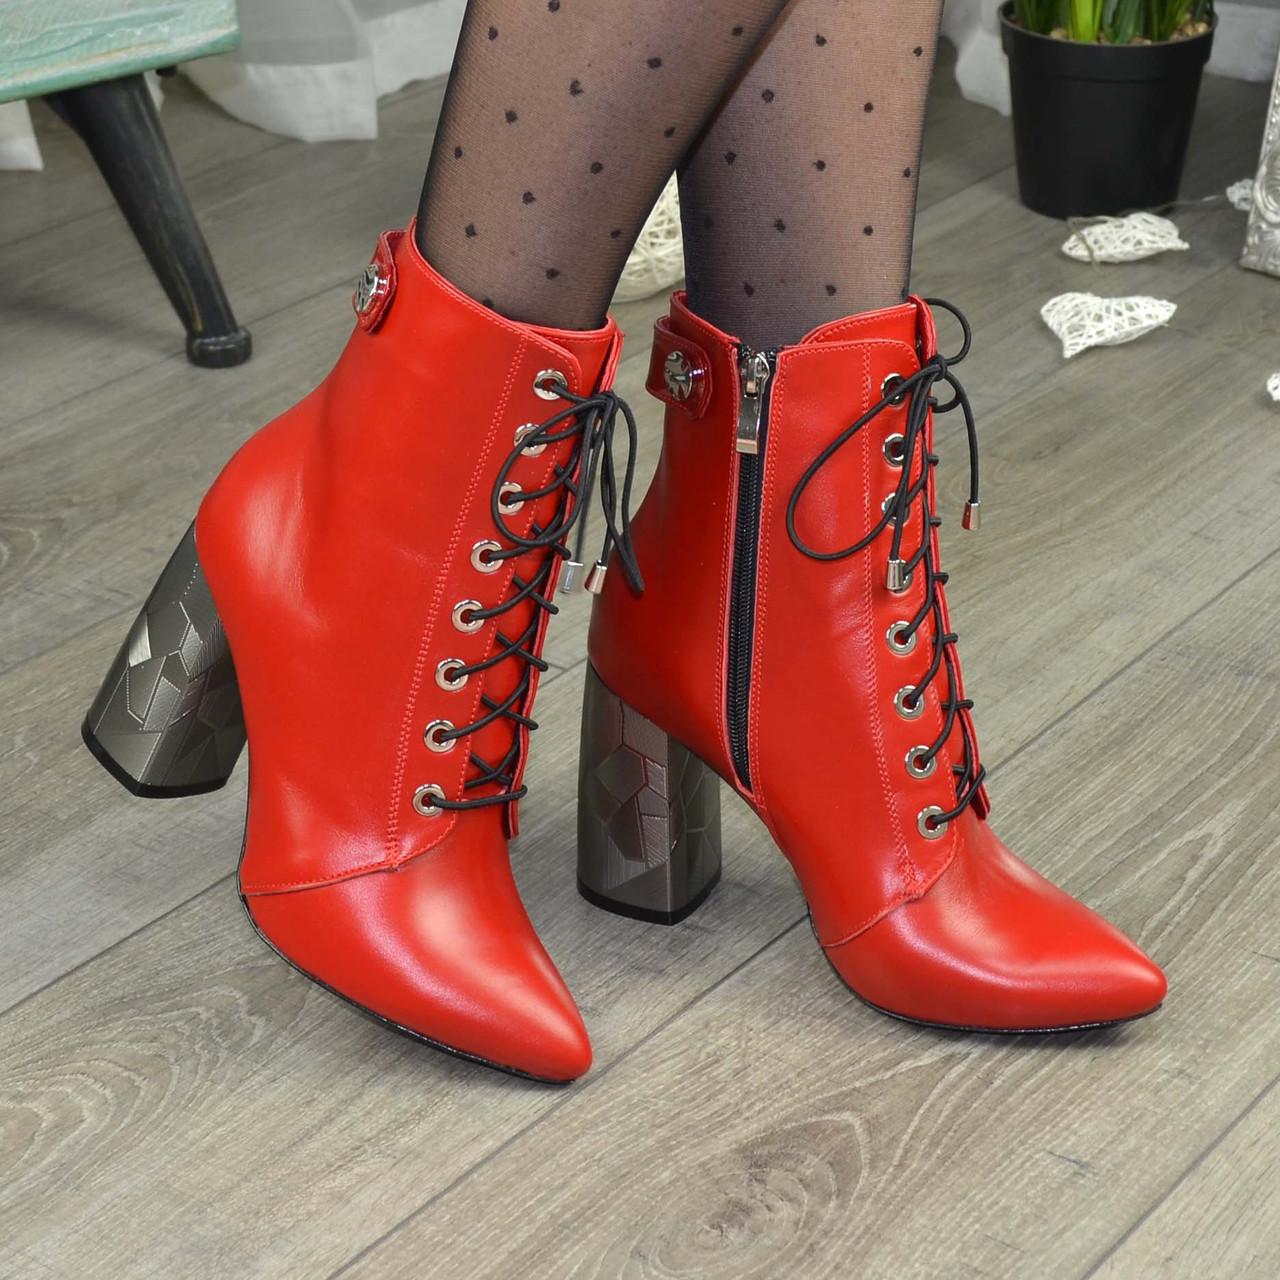 Ботинки кожаные женские на высоком каблуке. Цвет красный